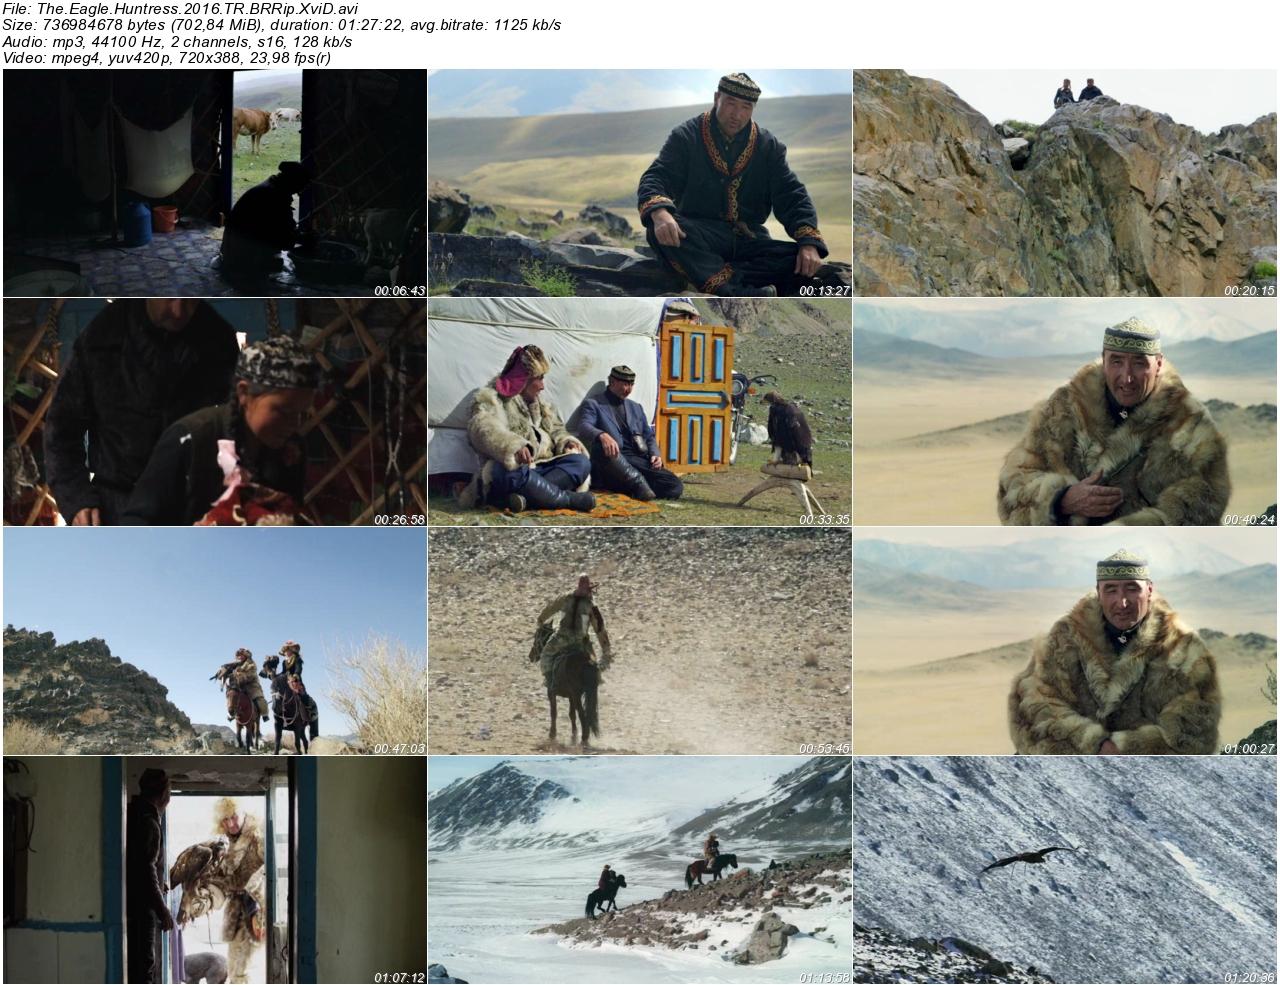 Kartal Avcısı Kız 2016 - 1080p 720p 480p - Türkçe Dublaj Tek Link indir